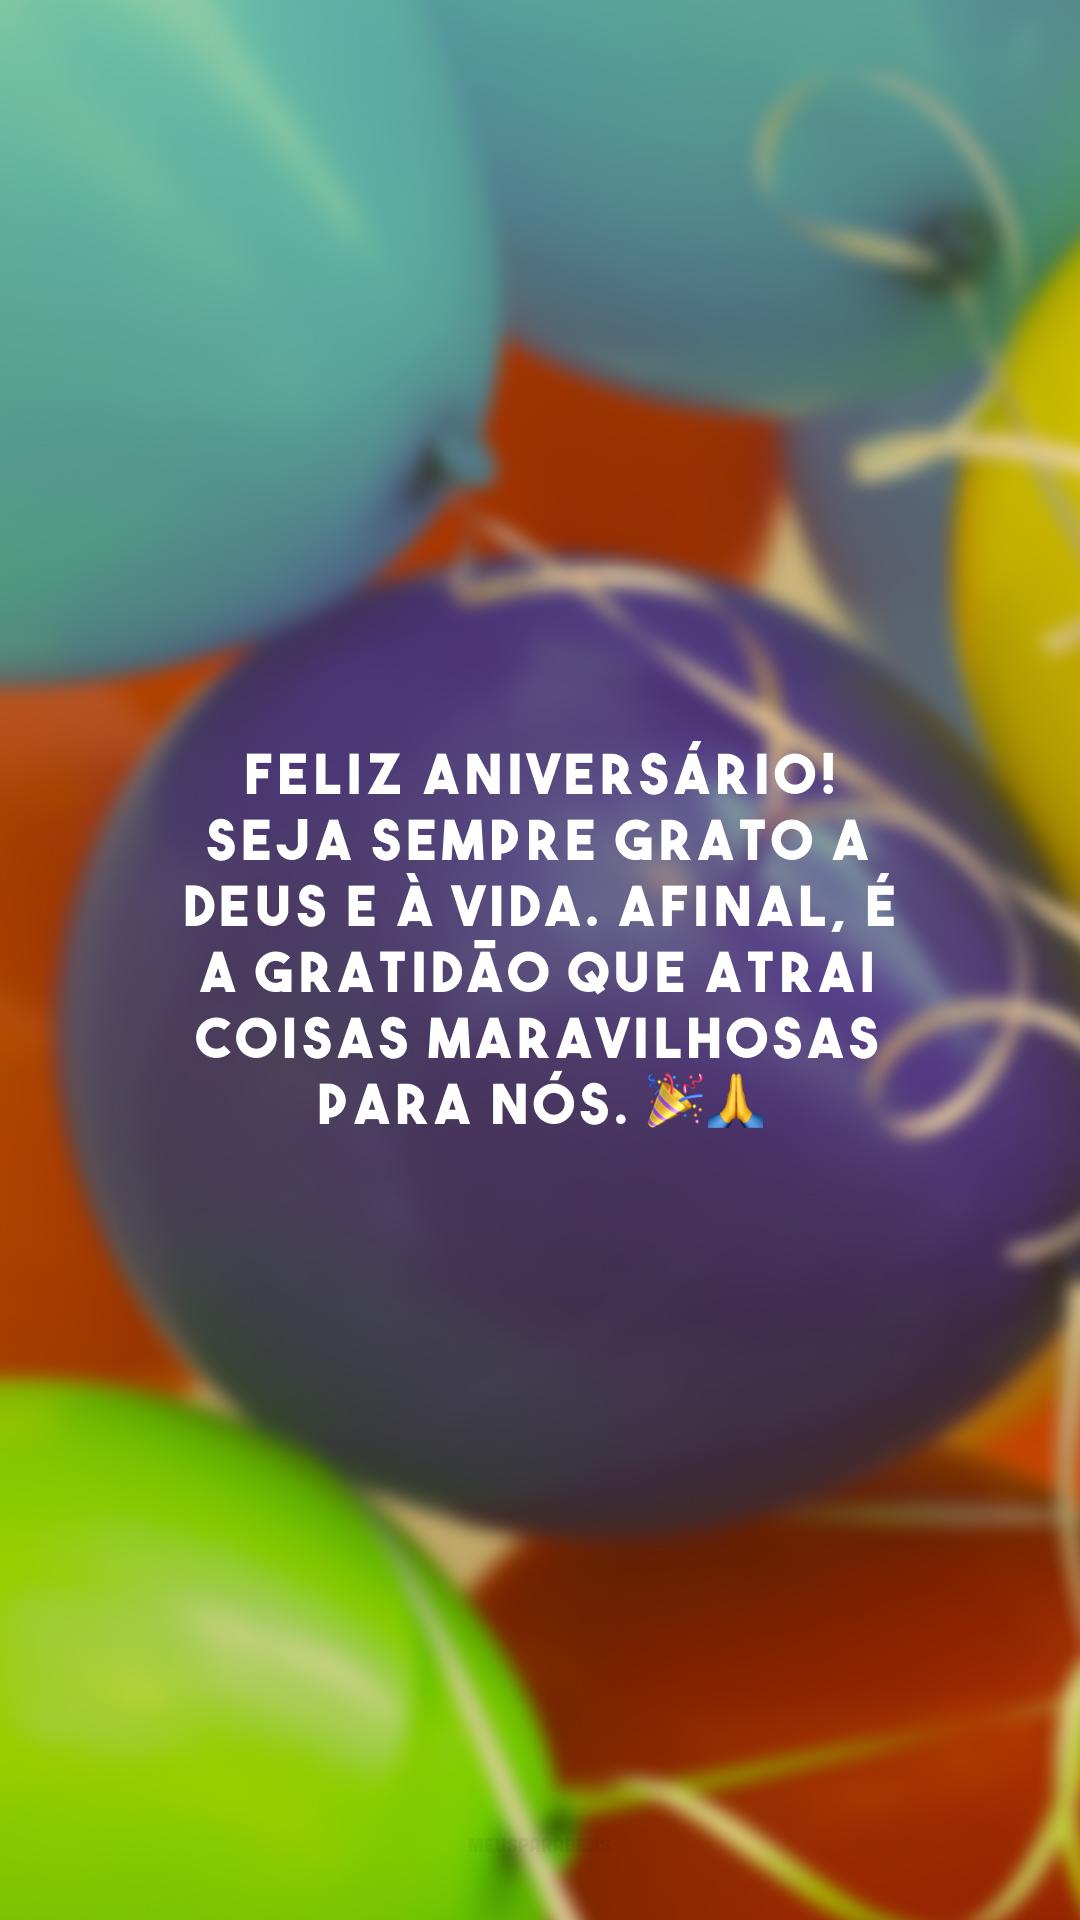 Feliz aniversário! Seja sempre grato a Deus e à vida. Afinal, é a gratidão que atrai coisas maravilhosas para nós. 🎉🙏